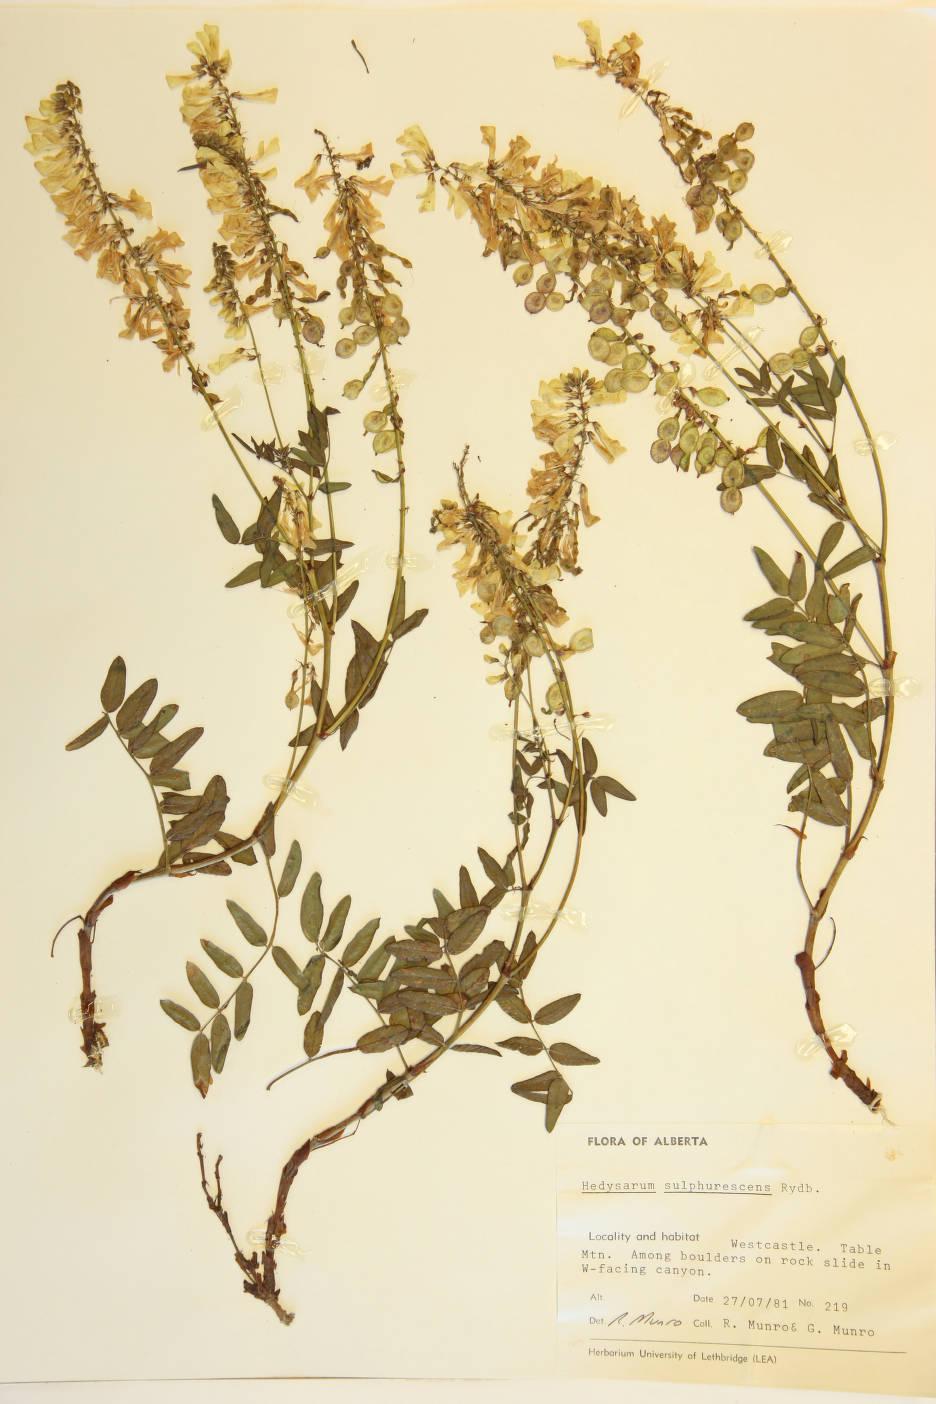 Hedysarum sulphurescens image